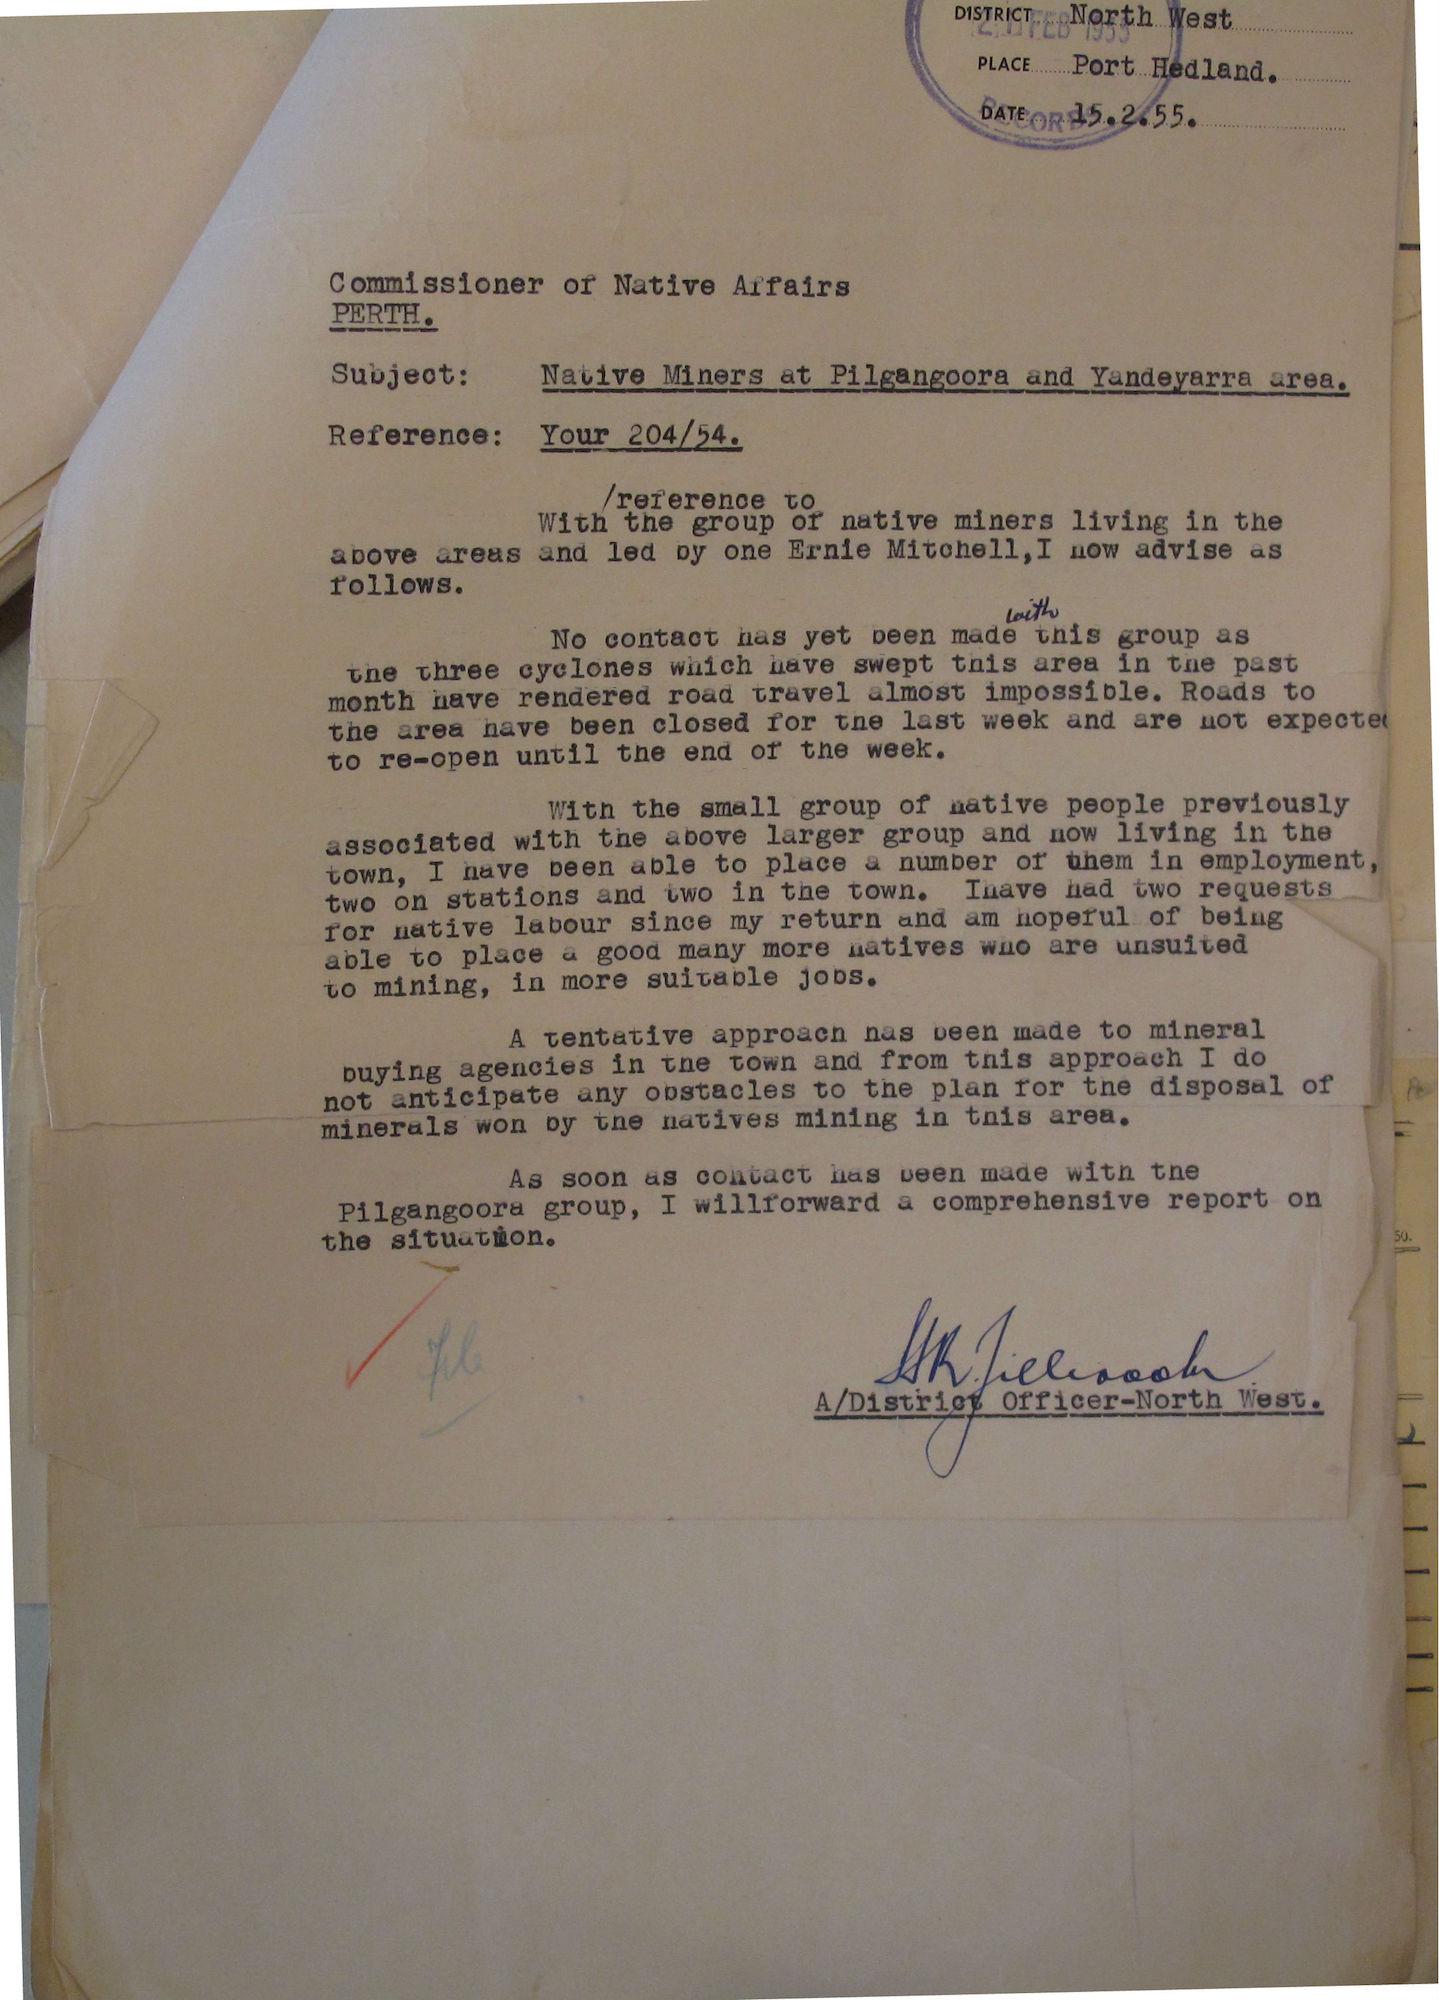 Tilbrook to Middleton, 15 February 1955